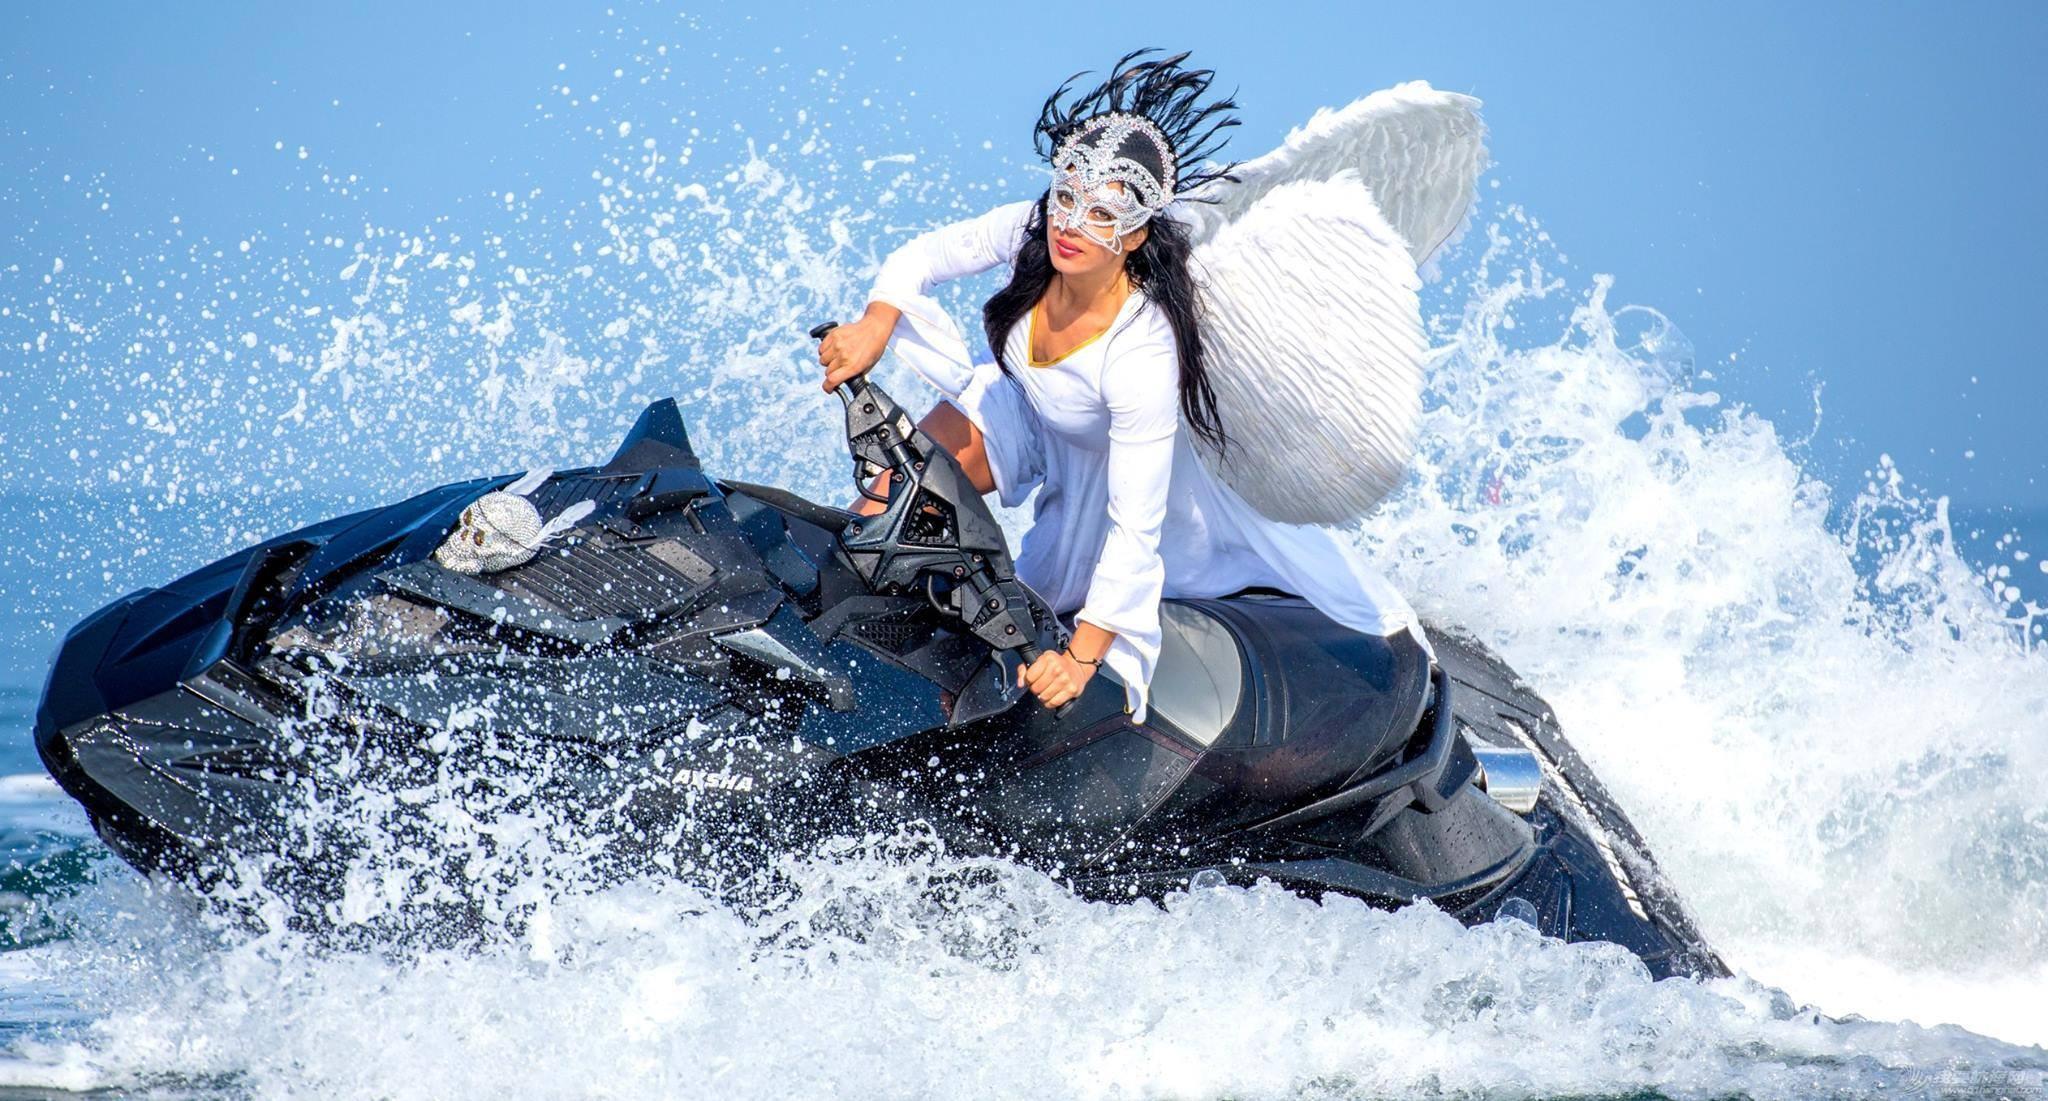 """穿比基尼,水上运动,阳光沙滩,爱好者,救生衣 """"艇""""胸而上 带你浪 f202ccd34f4c4fcfe8442a9d2216bb4a.jpg"""